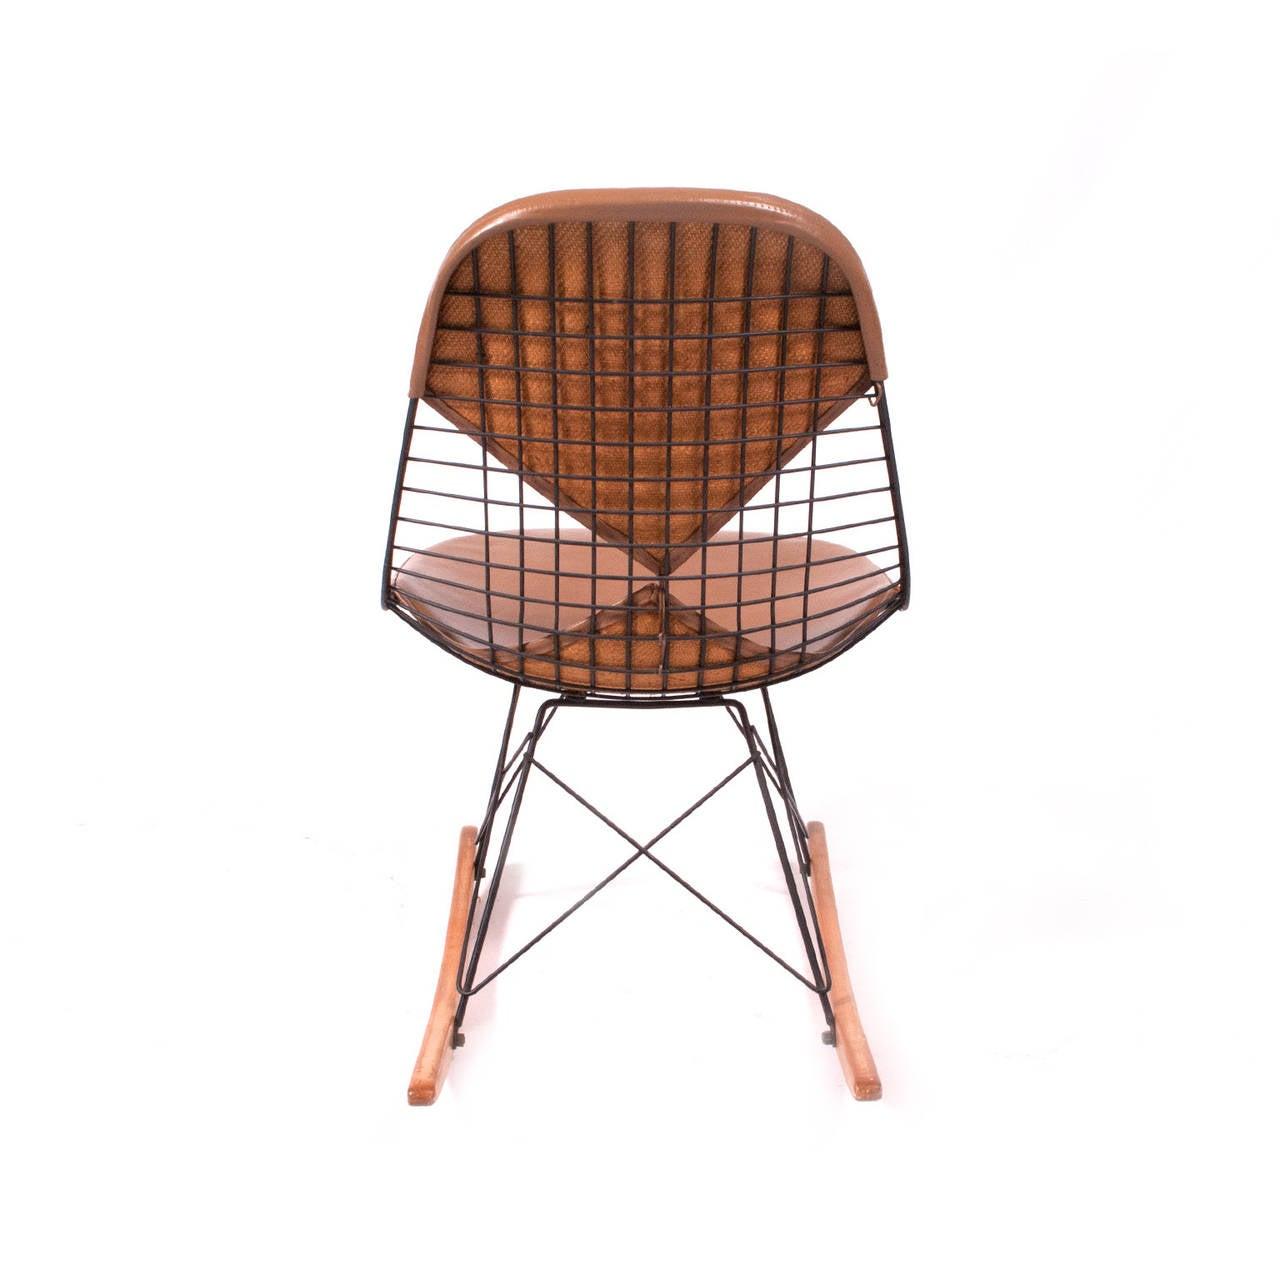 rkr charles eames rocker chair original at 1stdibs. Black Bedroom Furniture Sets. Home Design Ideas